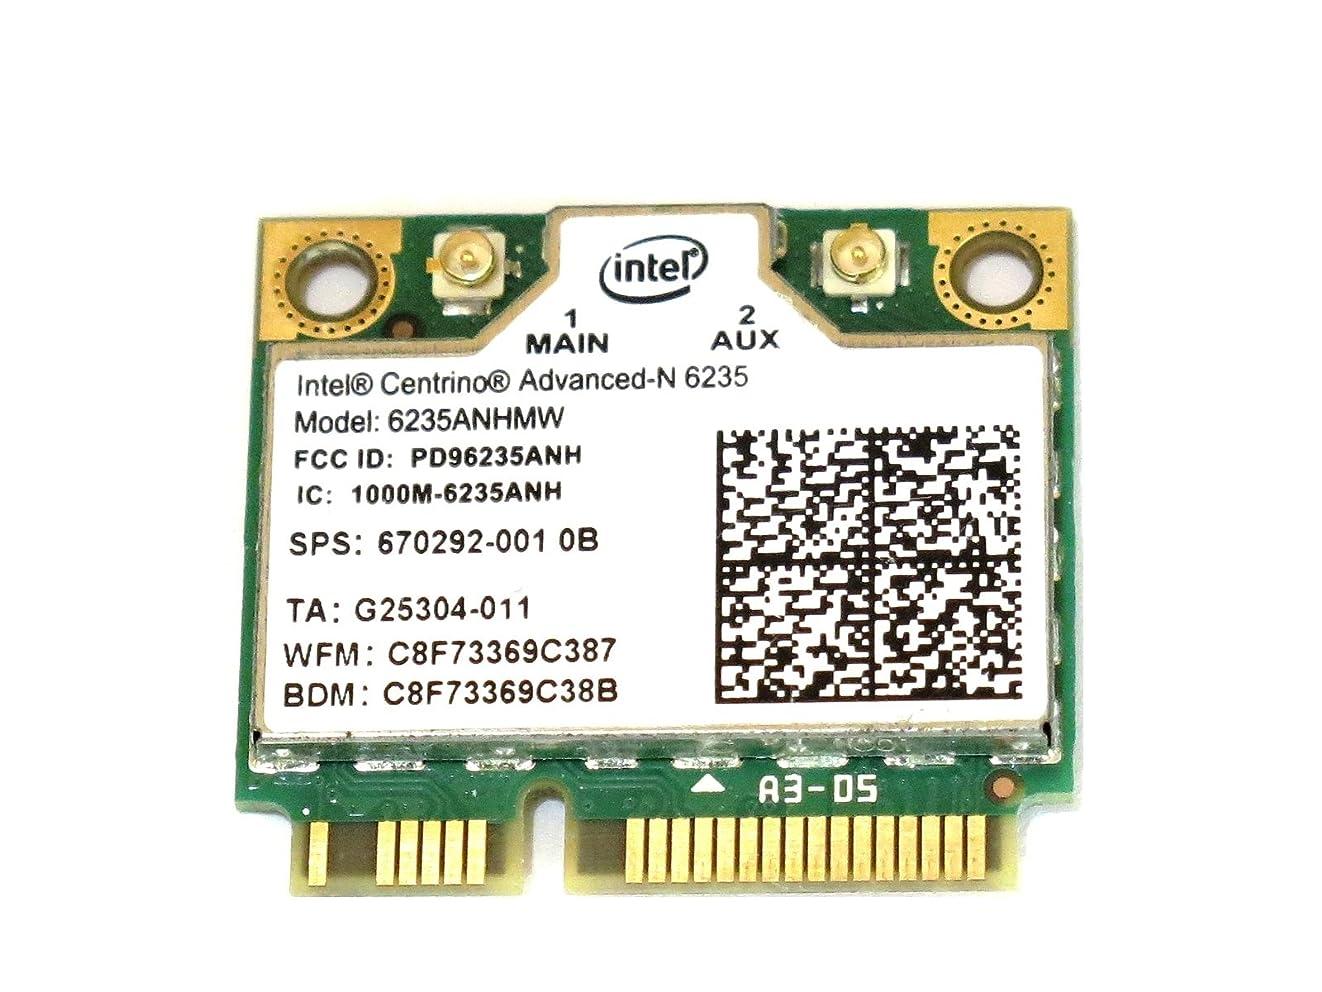 質素な送金最小化するHP 専用 Intel Centrino Advanced-N 6235 802.11a/b/g/n 最大リング300Mbps WIFI +BlueTooth 4.0 無線LANカード for EENVY4 ENVY6 2710p 2570p  8470p 8570p 6740b 6570b 4540s 4441s